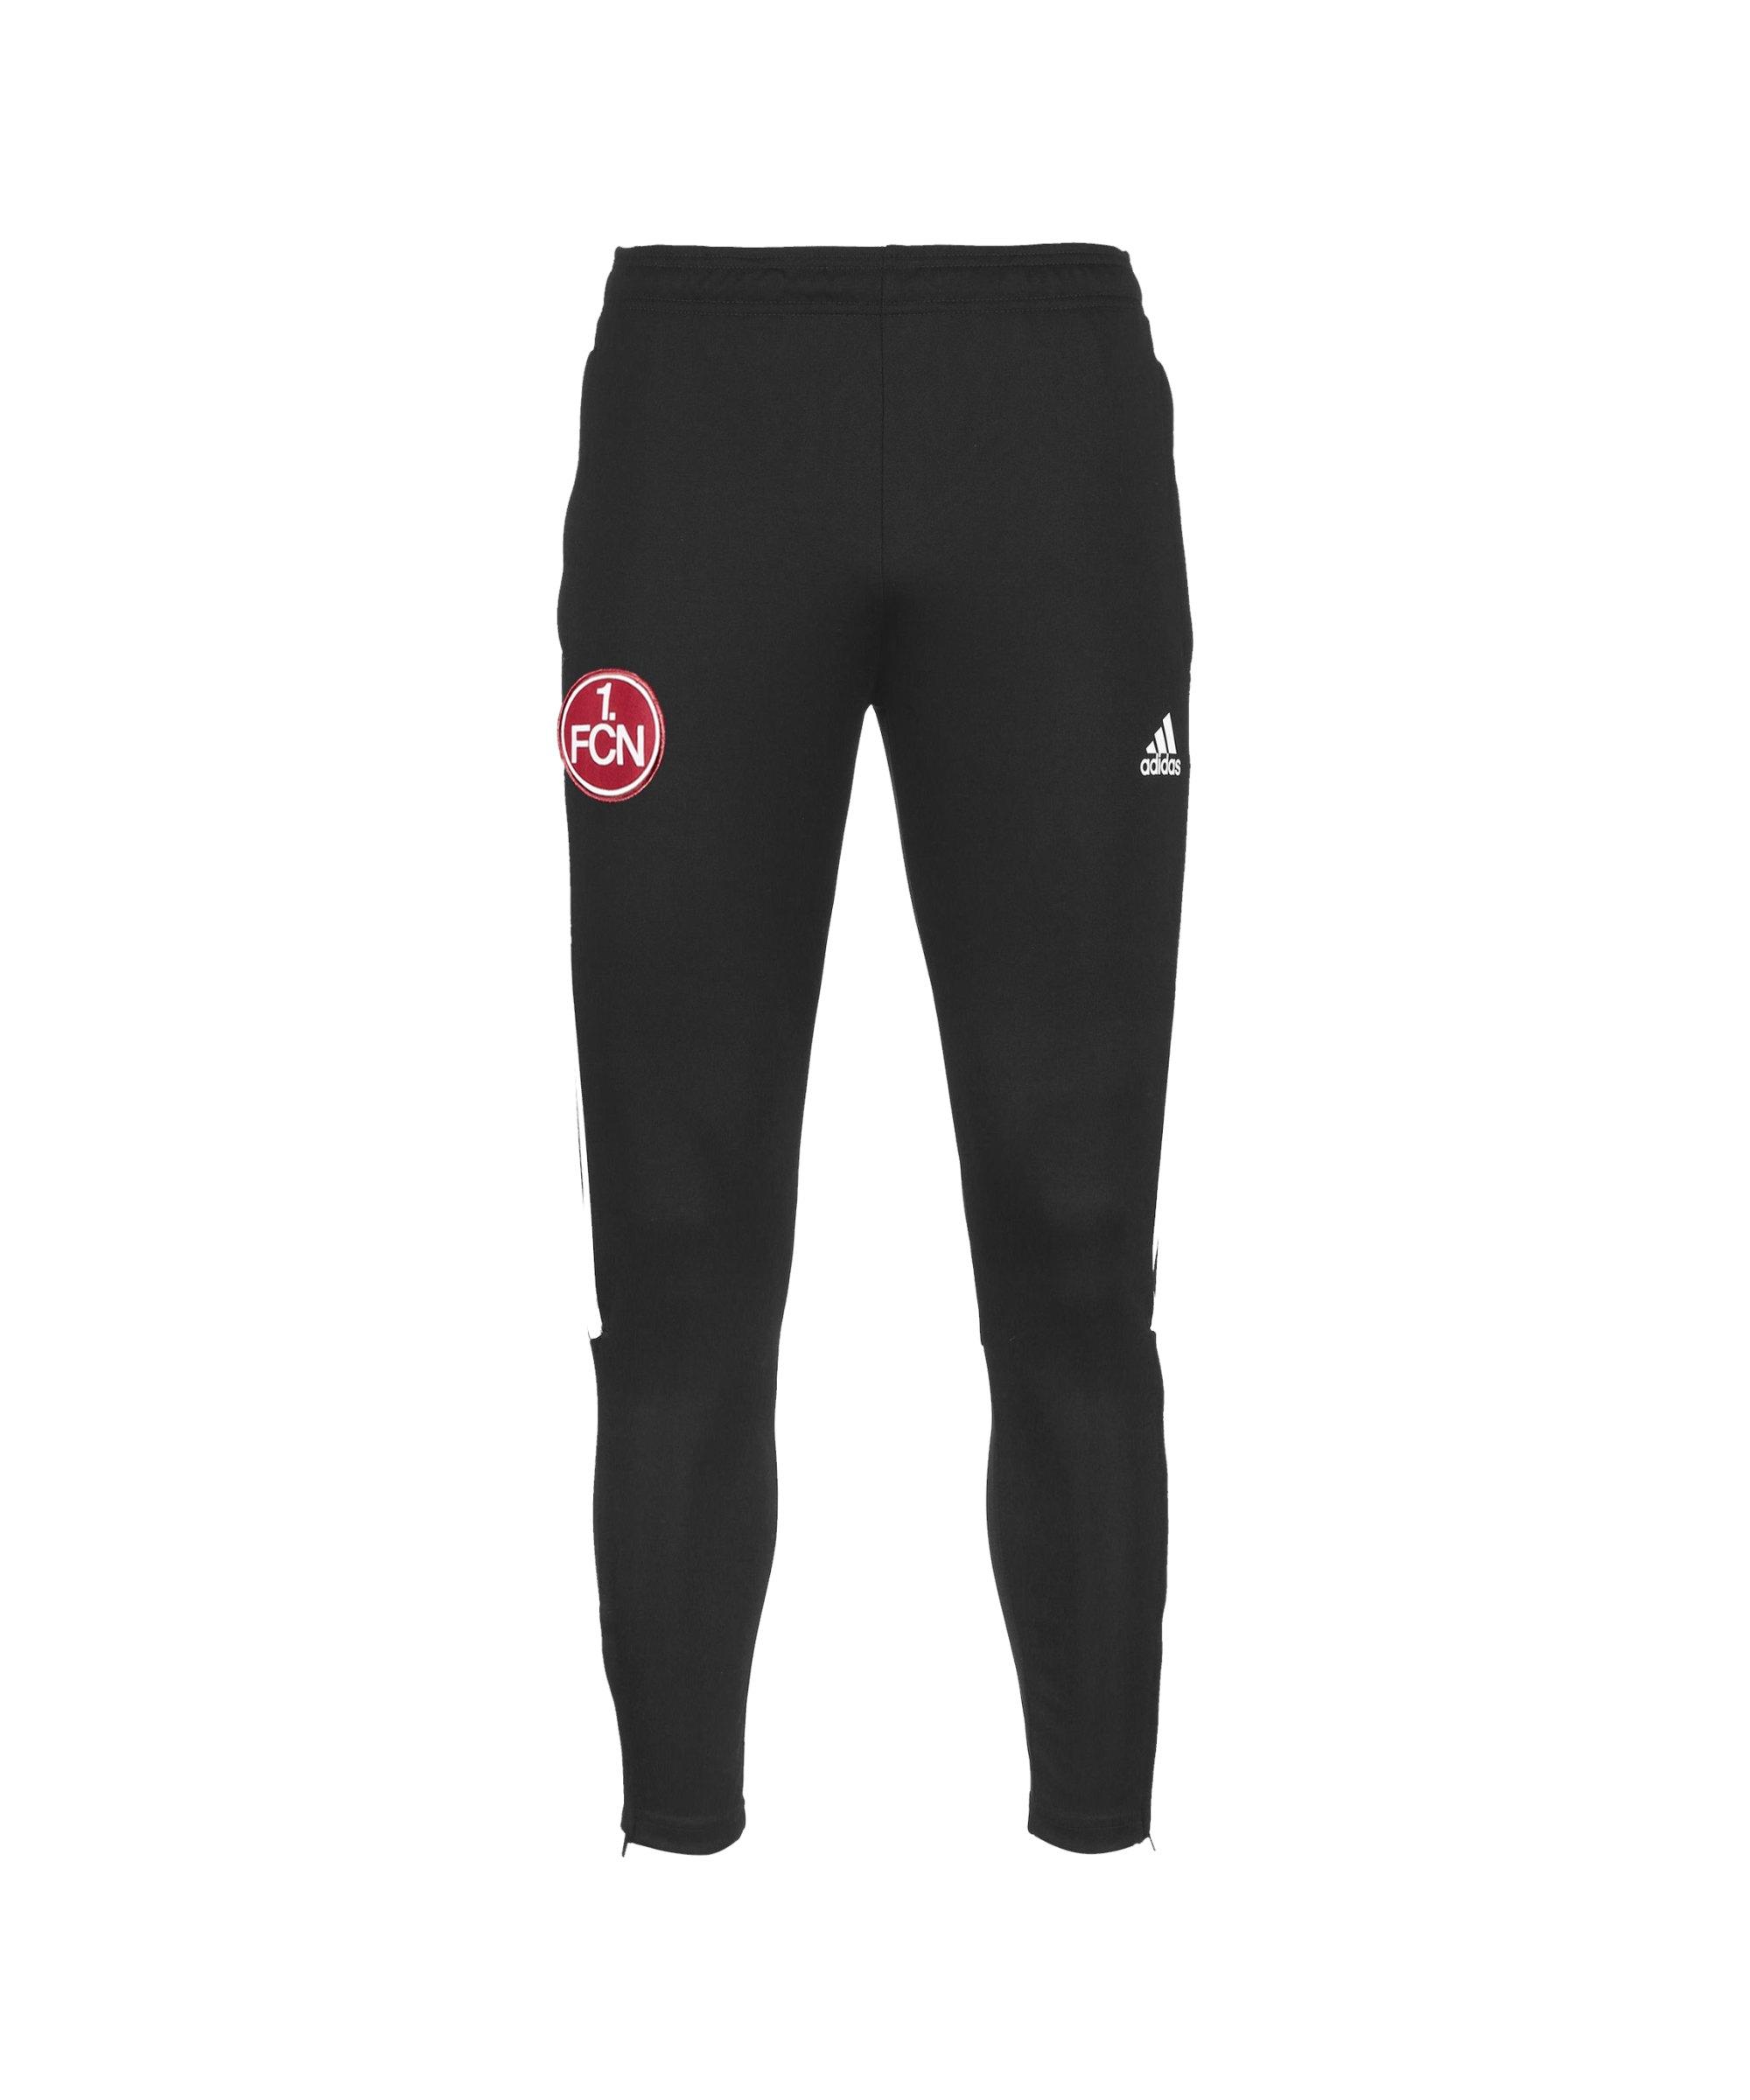 adidas 1. FC Nürnberg Jogginghose Schwarz - schwarz